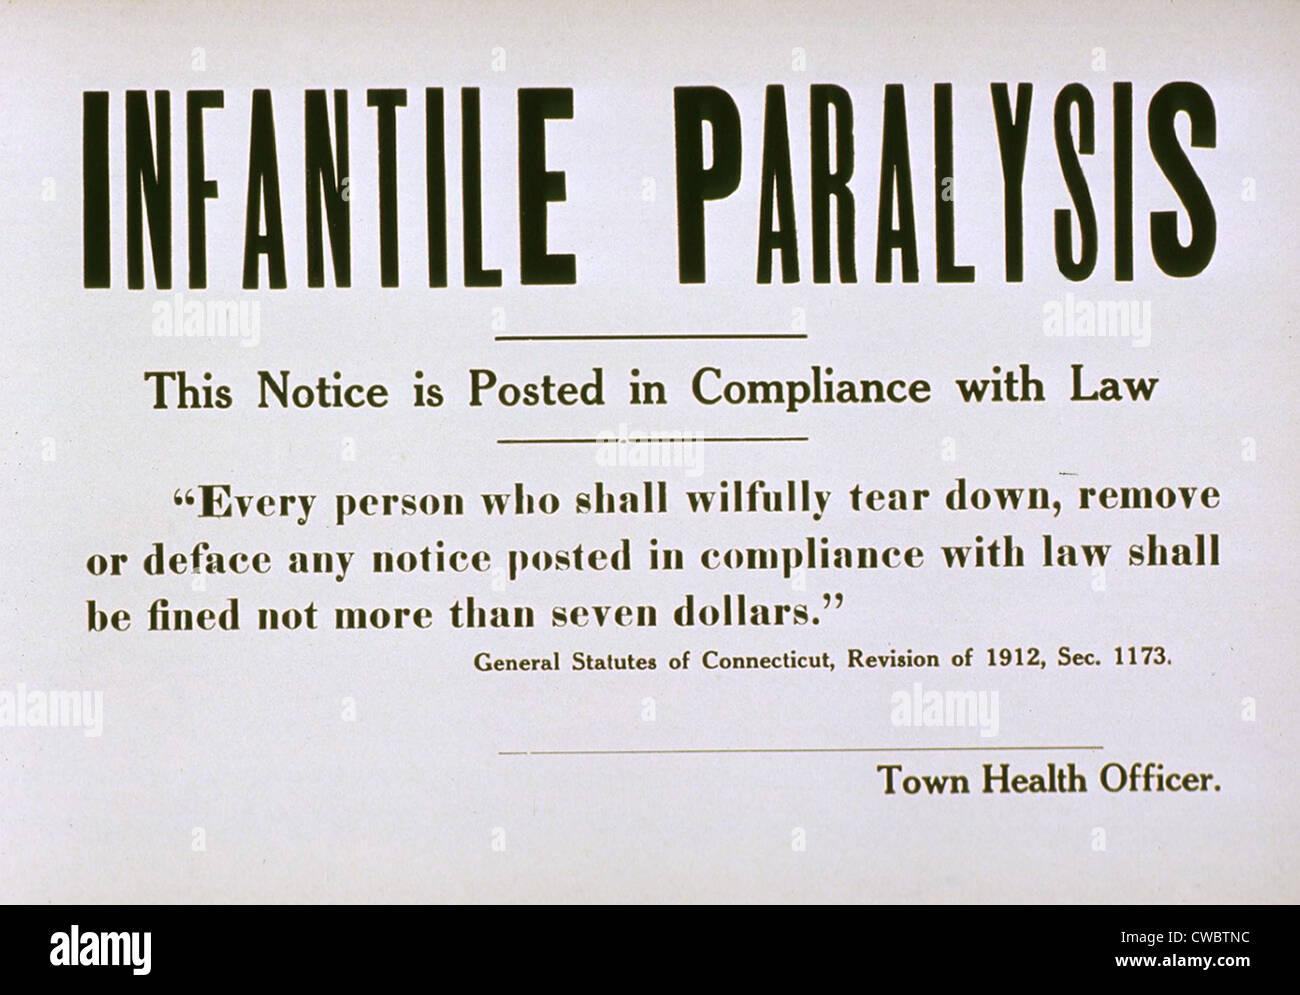 A principios del siglo XX, signo de cuarentena para la enfermedad contagiosa la parálisis infantil (poliomielitis). Imagen De Stock